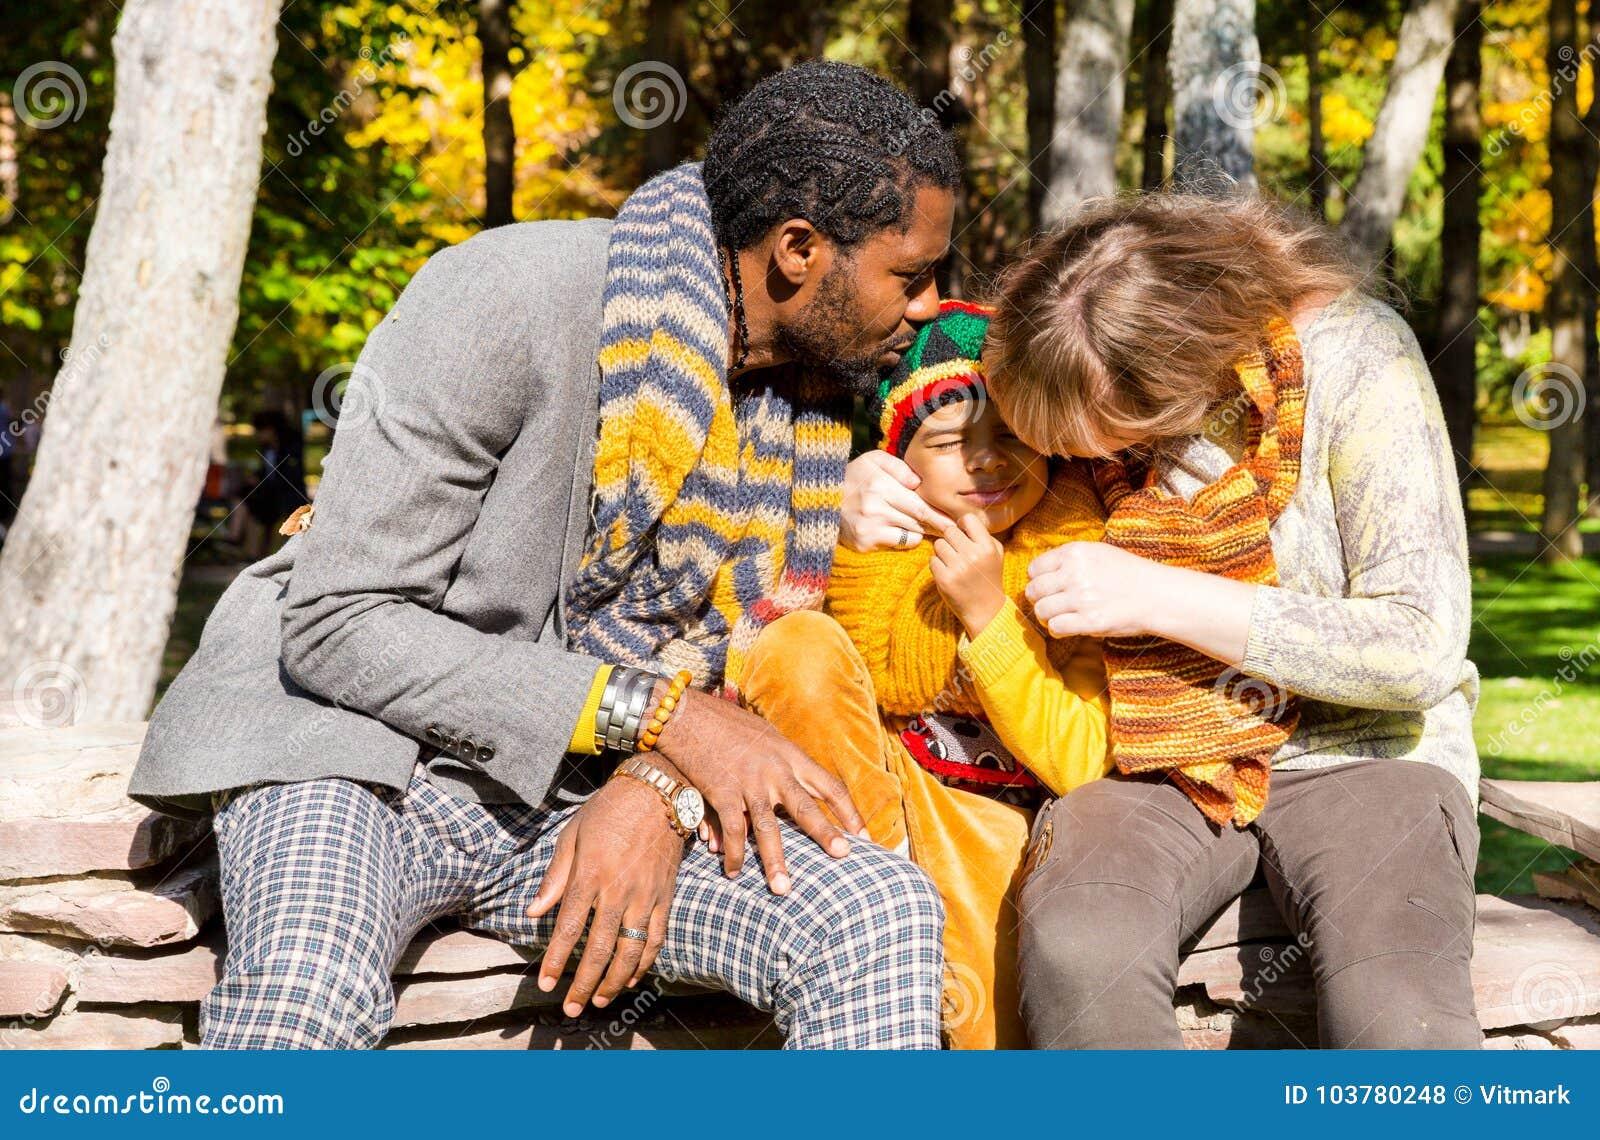 datazione un ragazzo con baby Mamas